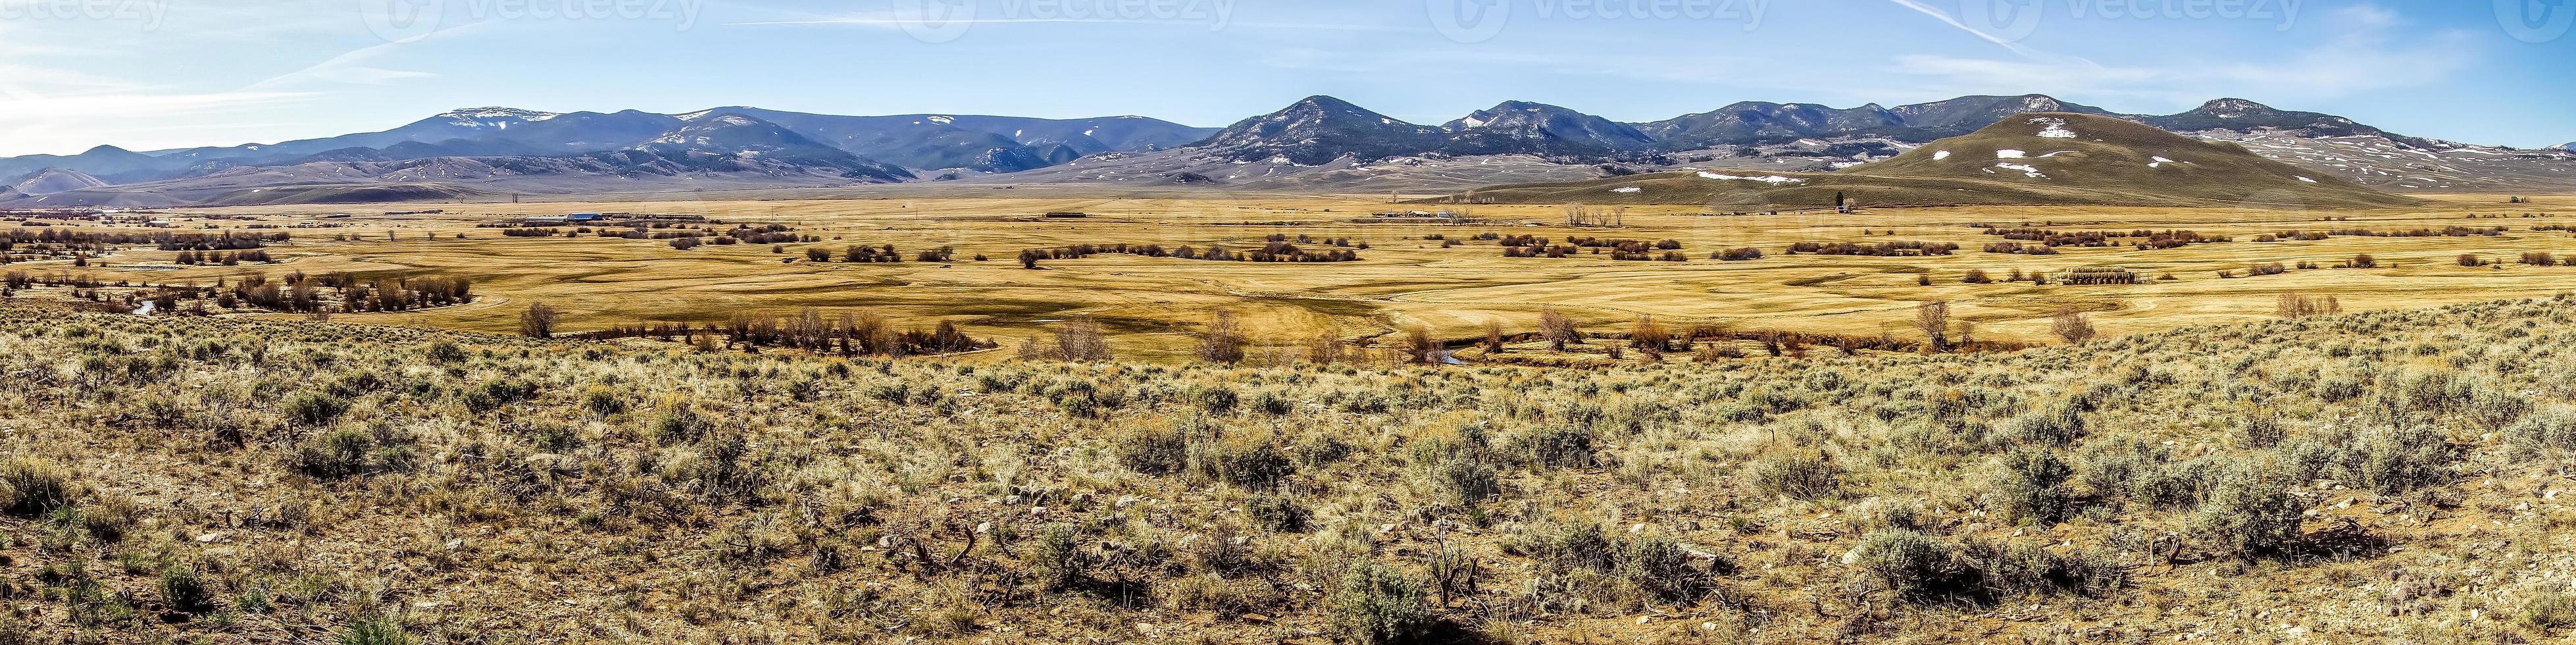 colorado montanhas rochosas sopé foto